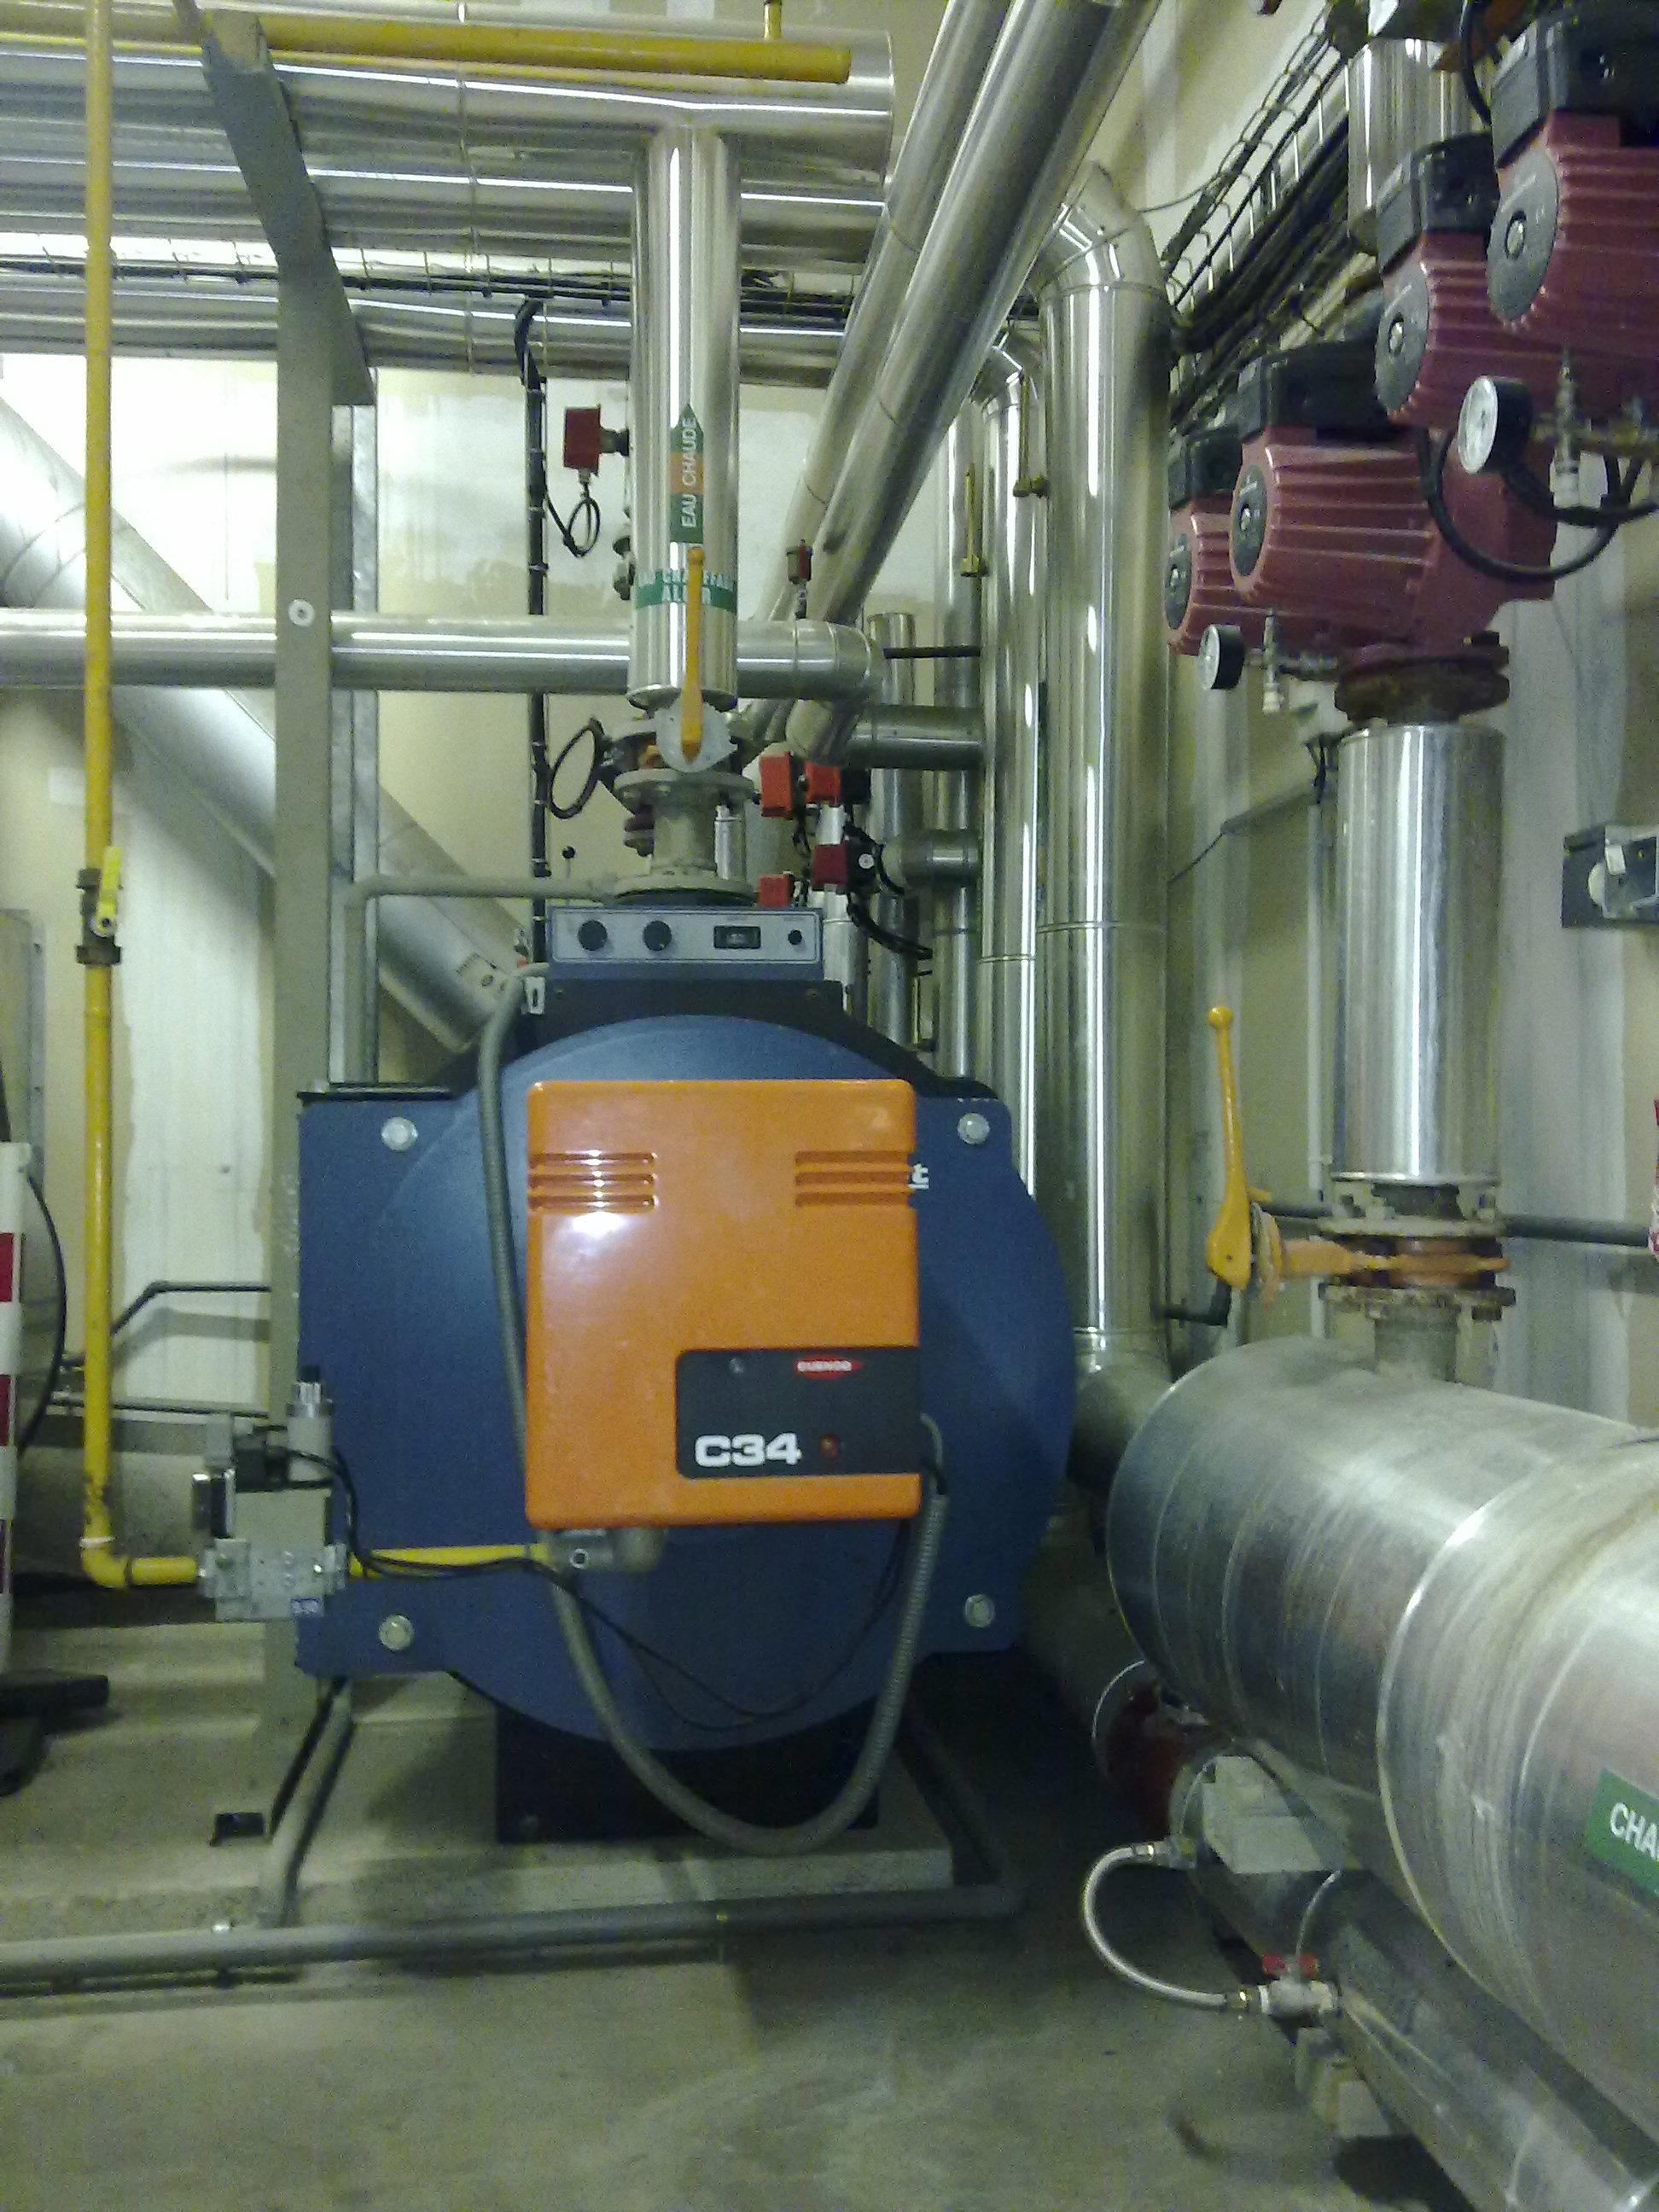 désemboueur abc protect chaufferie 350 kW, désembouage détartrage chaudière, protection embouage boues réseau chauffage, sans chimie, sans entretien